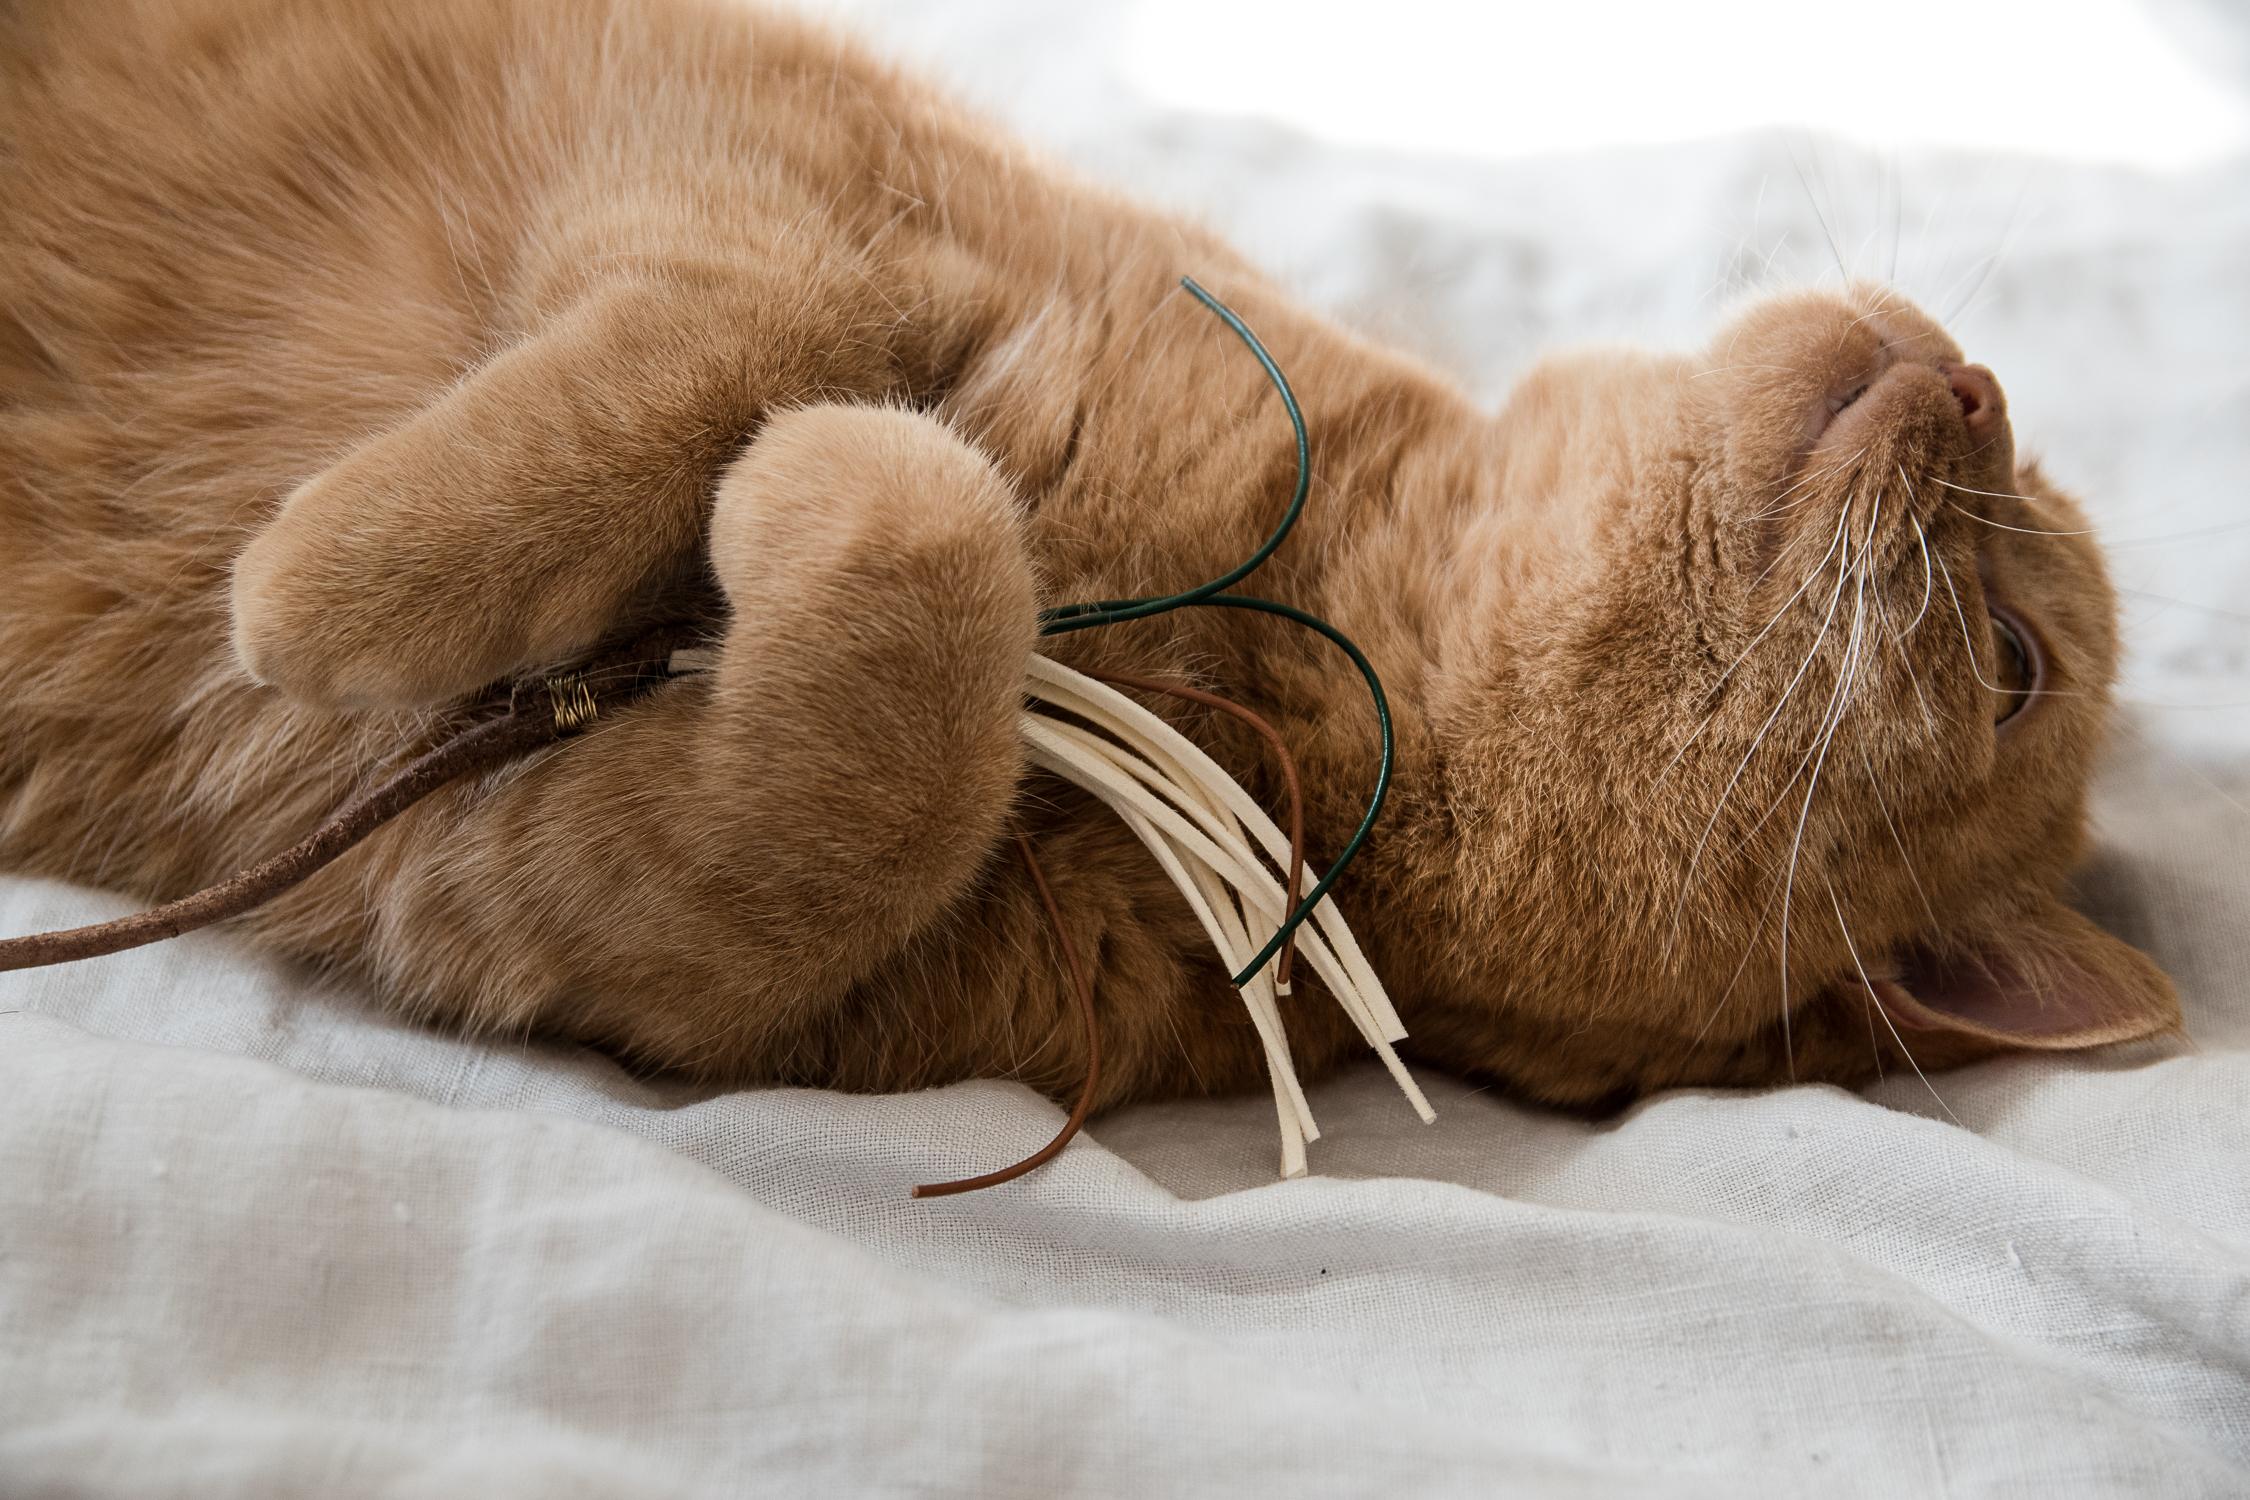 Extrem Wohnen mit Katzen – schlichtes DIY Katzenspielzeug | craftifair DX23